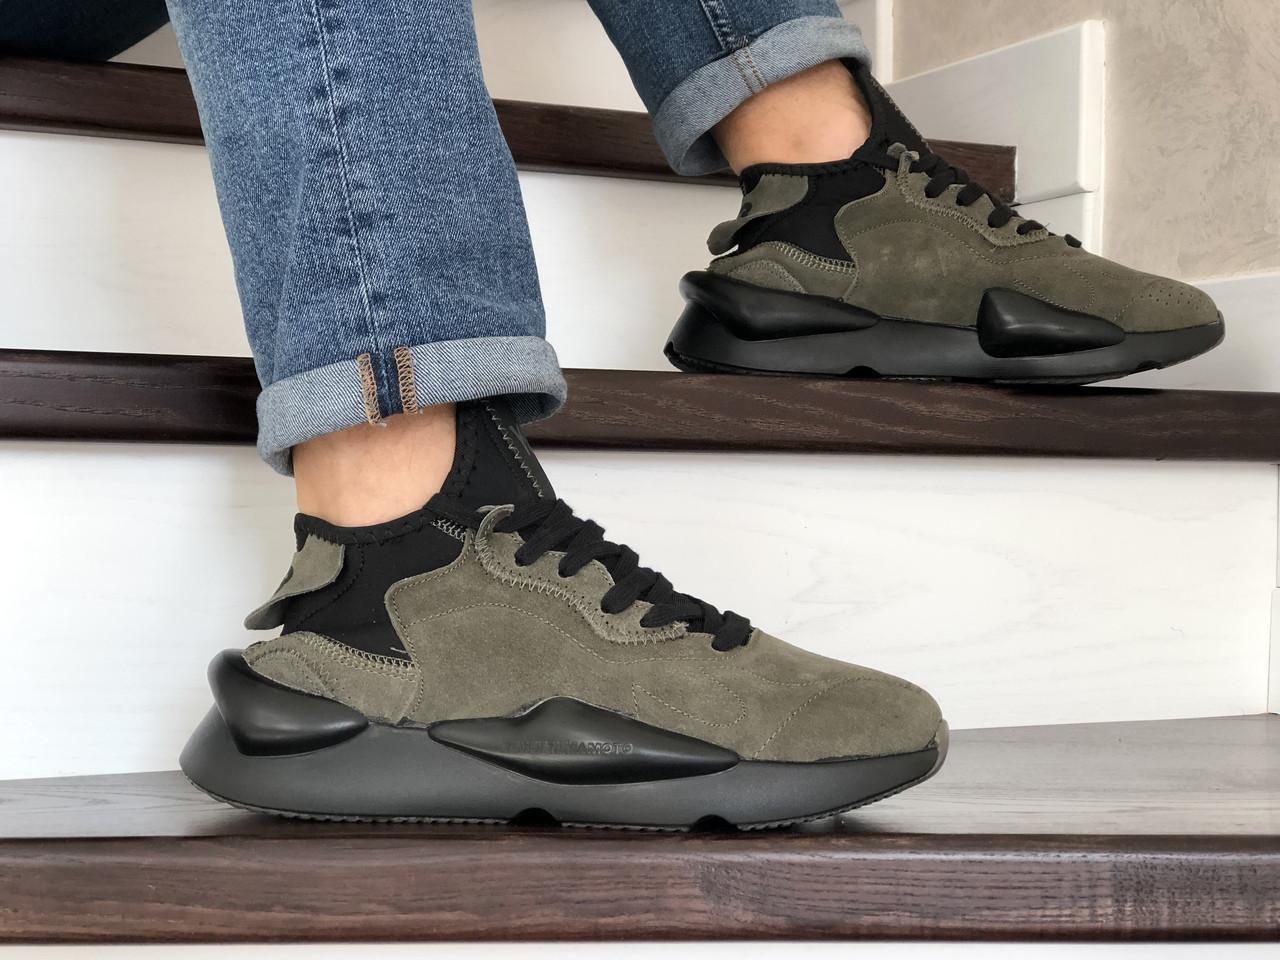 Кроссовки (в стиле) мужские Adidas Y-3 Kaiwa,замшевые,хаки